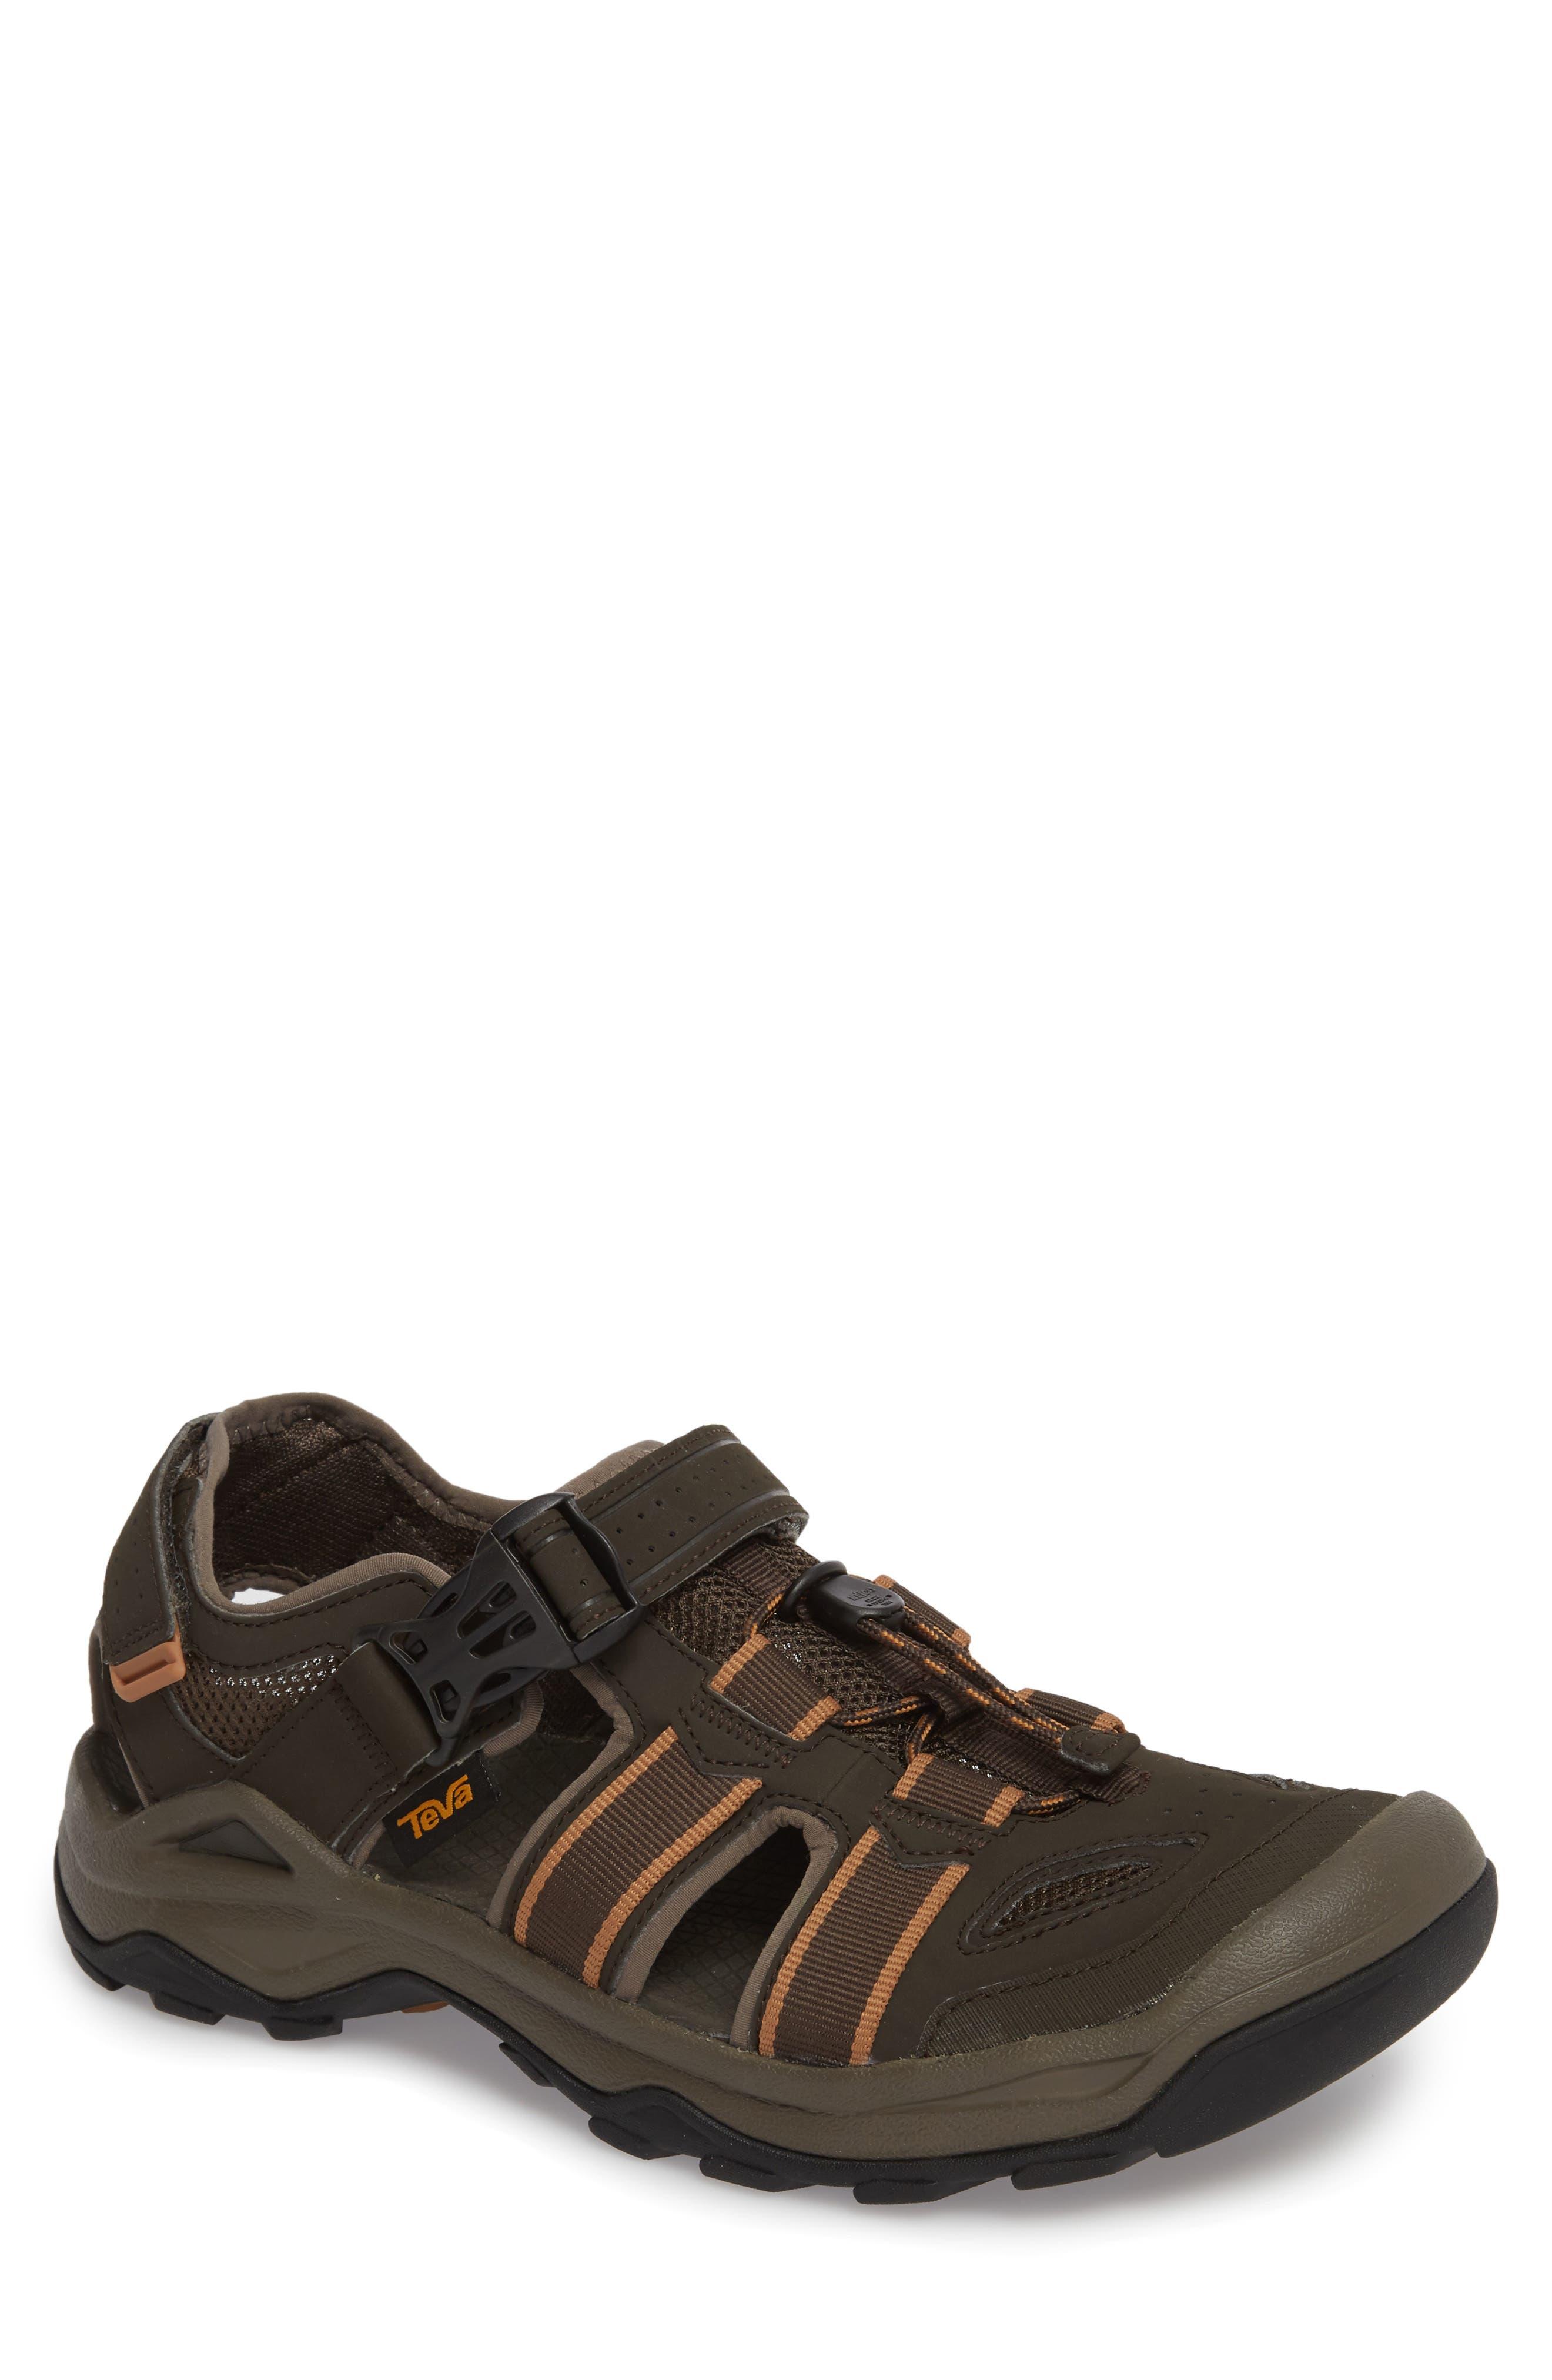 Teva Omnium 2 Hiking Sandal, Black